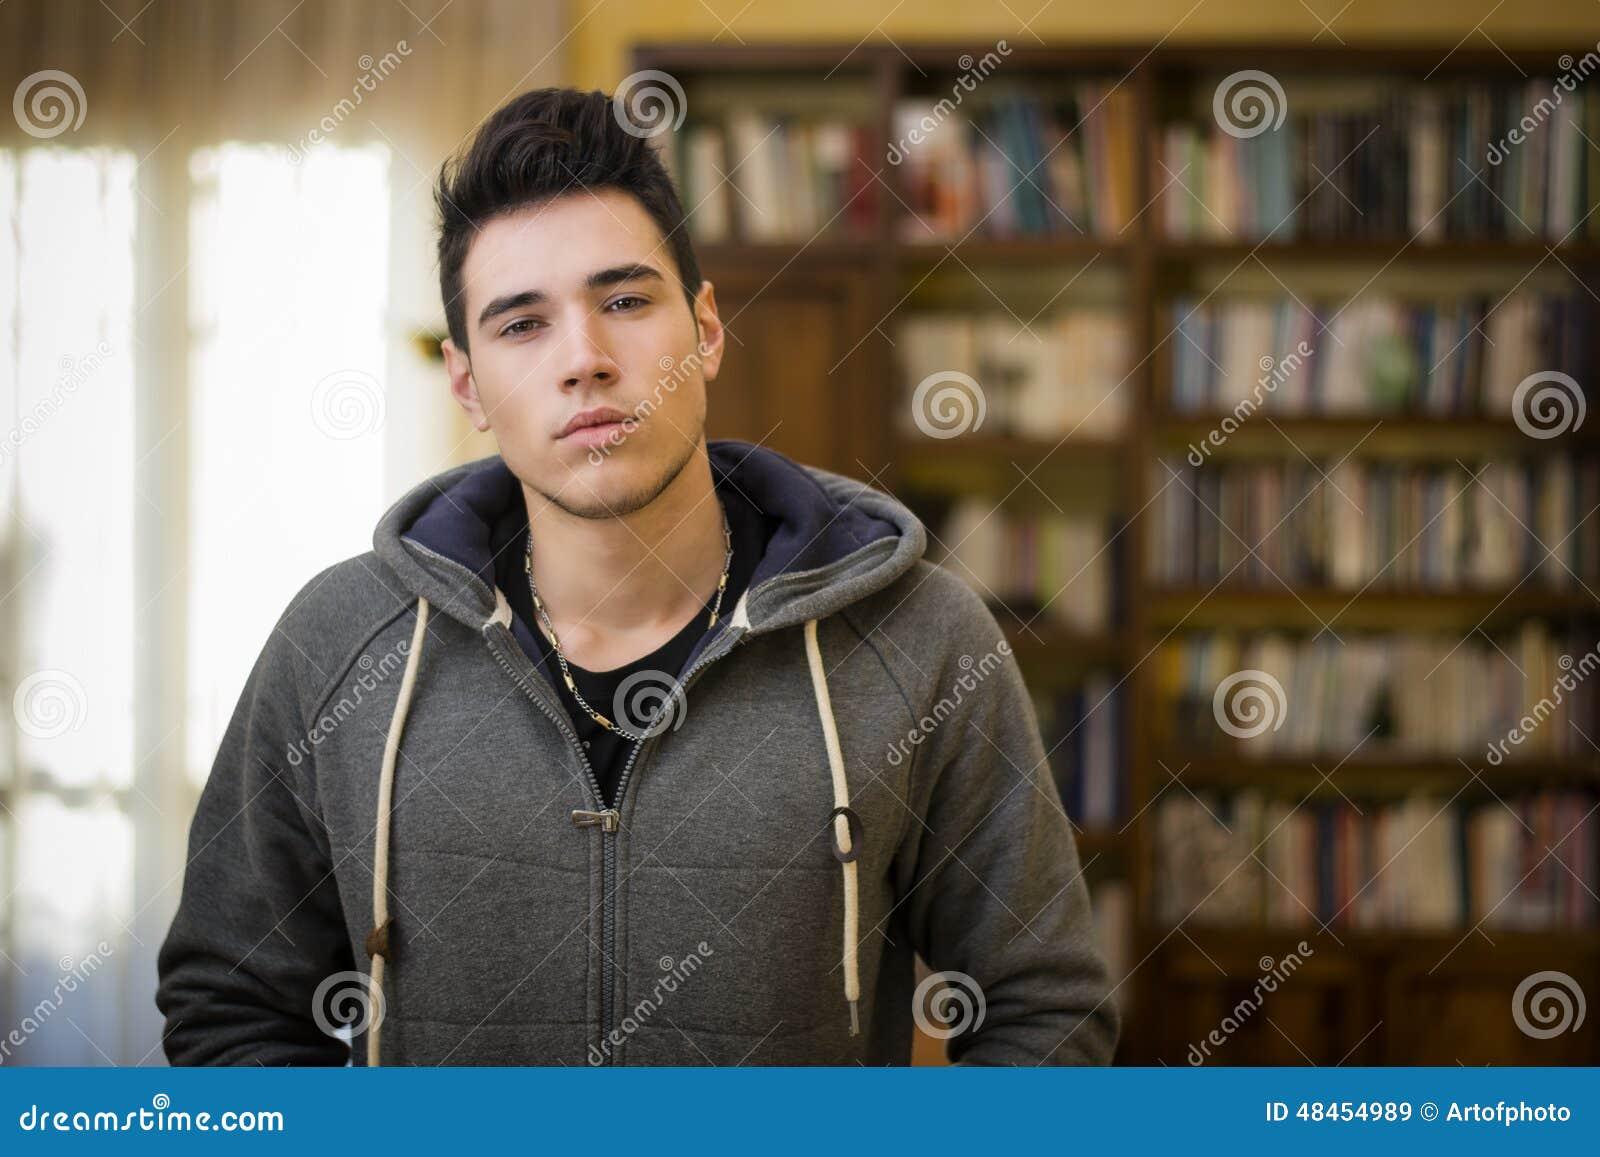 757beee85 Hombre Joven Atractivo En Casa Delante Del Estante Para Libros ...